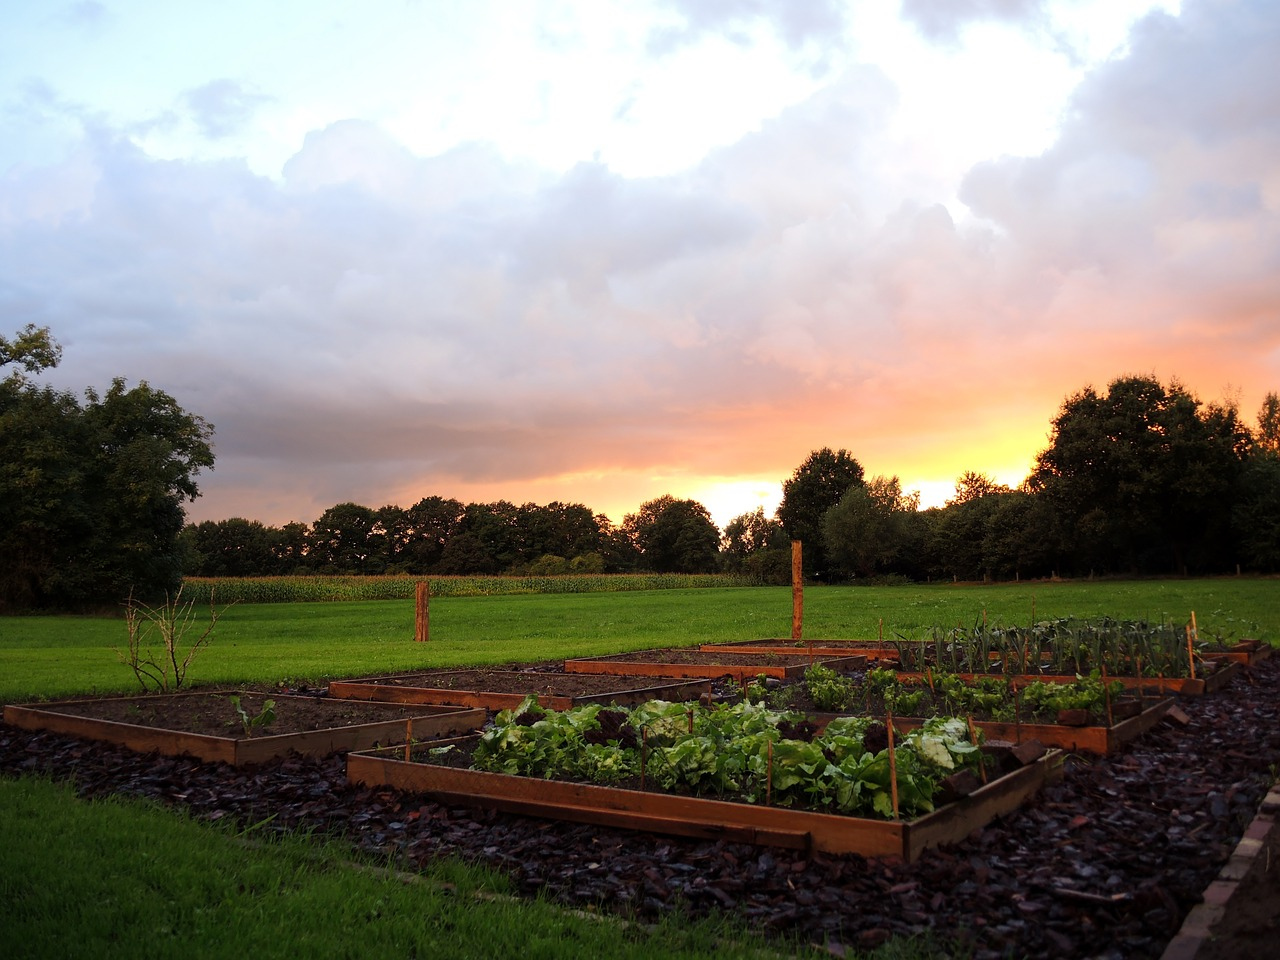 comment creer des allees pour son jardin, allées de potager,comment creer son potager, exmple de potager, ou faire un jardin, comment faire un jardin, conseils pour jardiner, comment planter un jardin